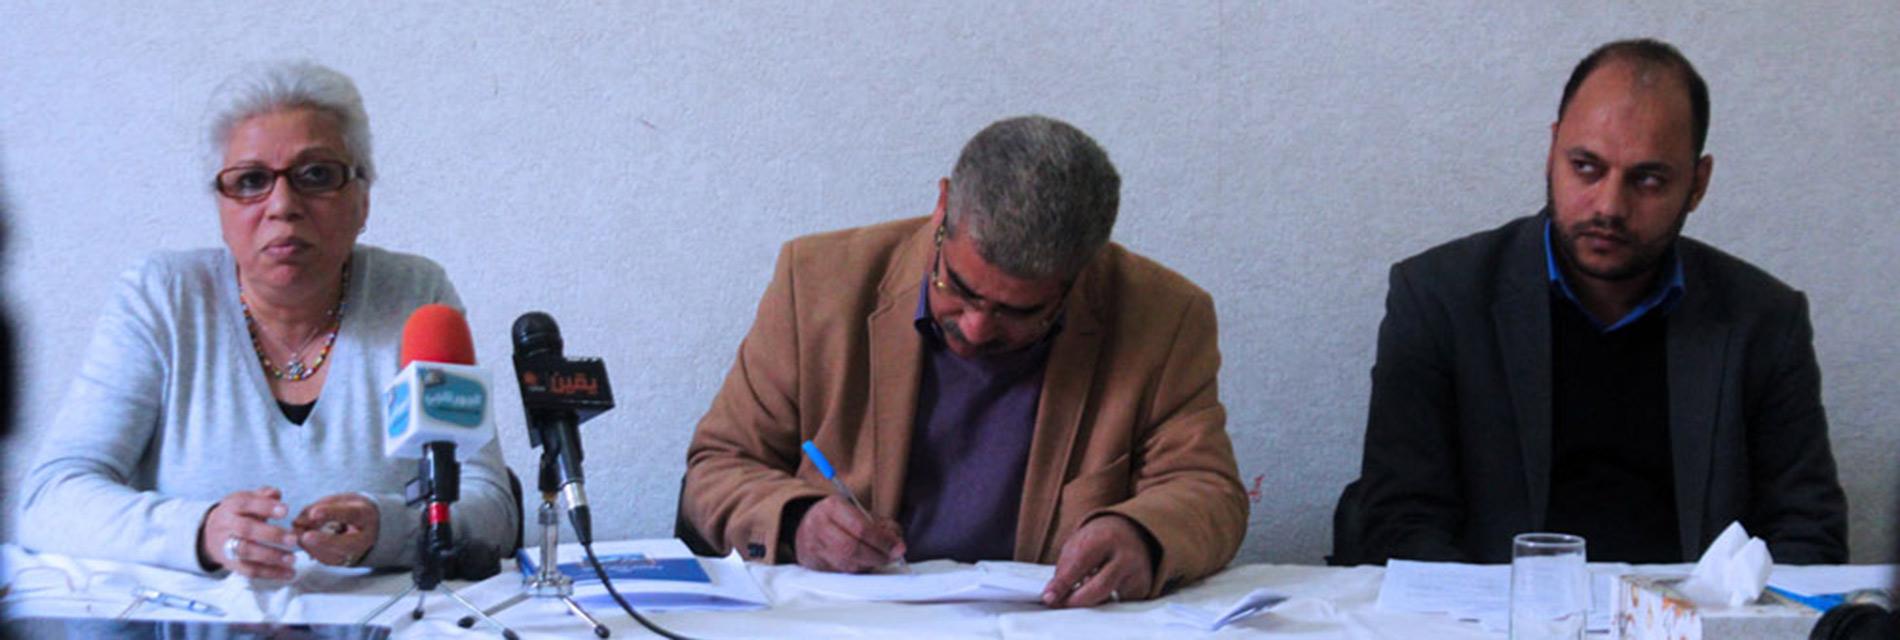 العمالة المؤقتة في مصر وحق التثبيت